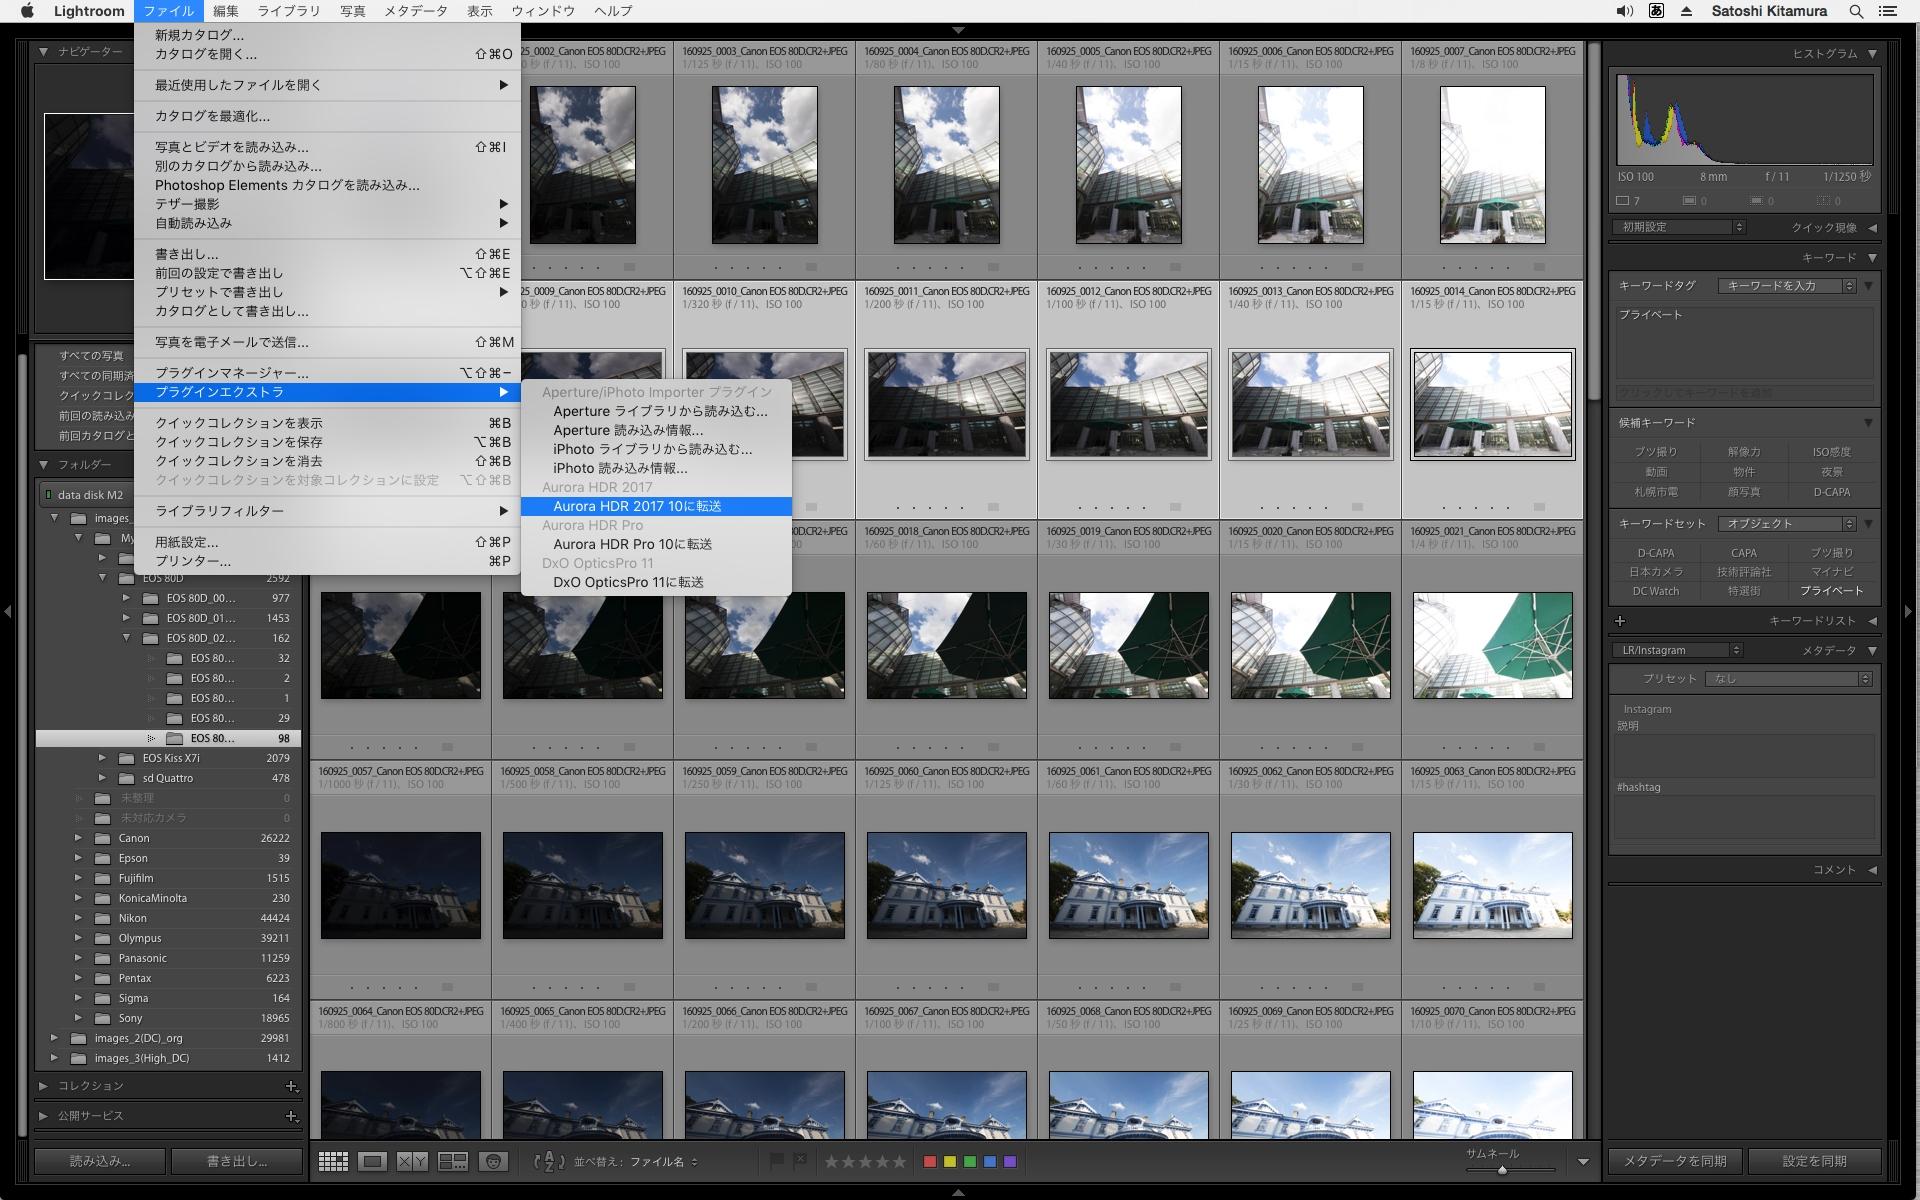 Photoshop CCやLightroom CCと連携できるプラグインも用意されている